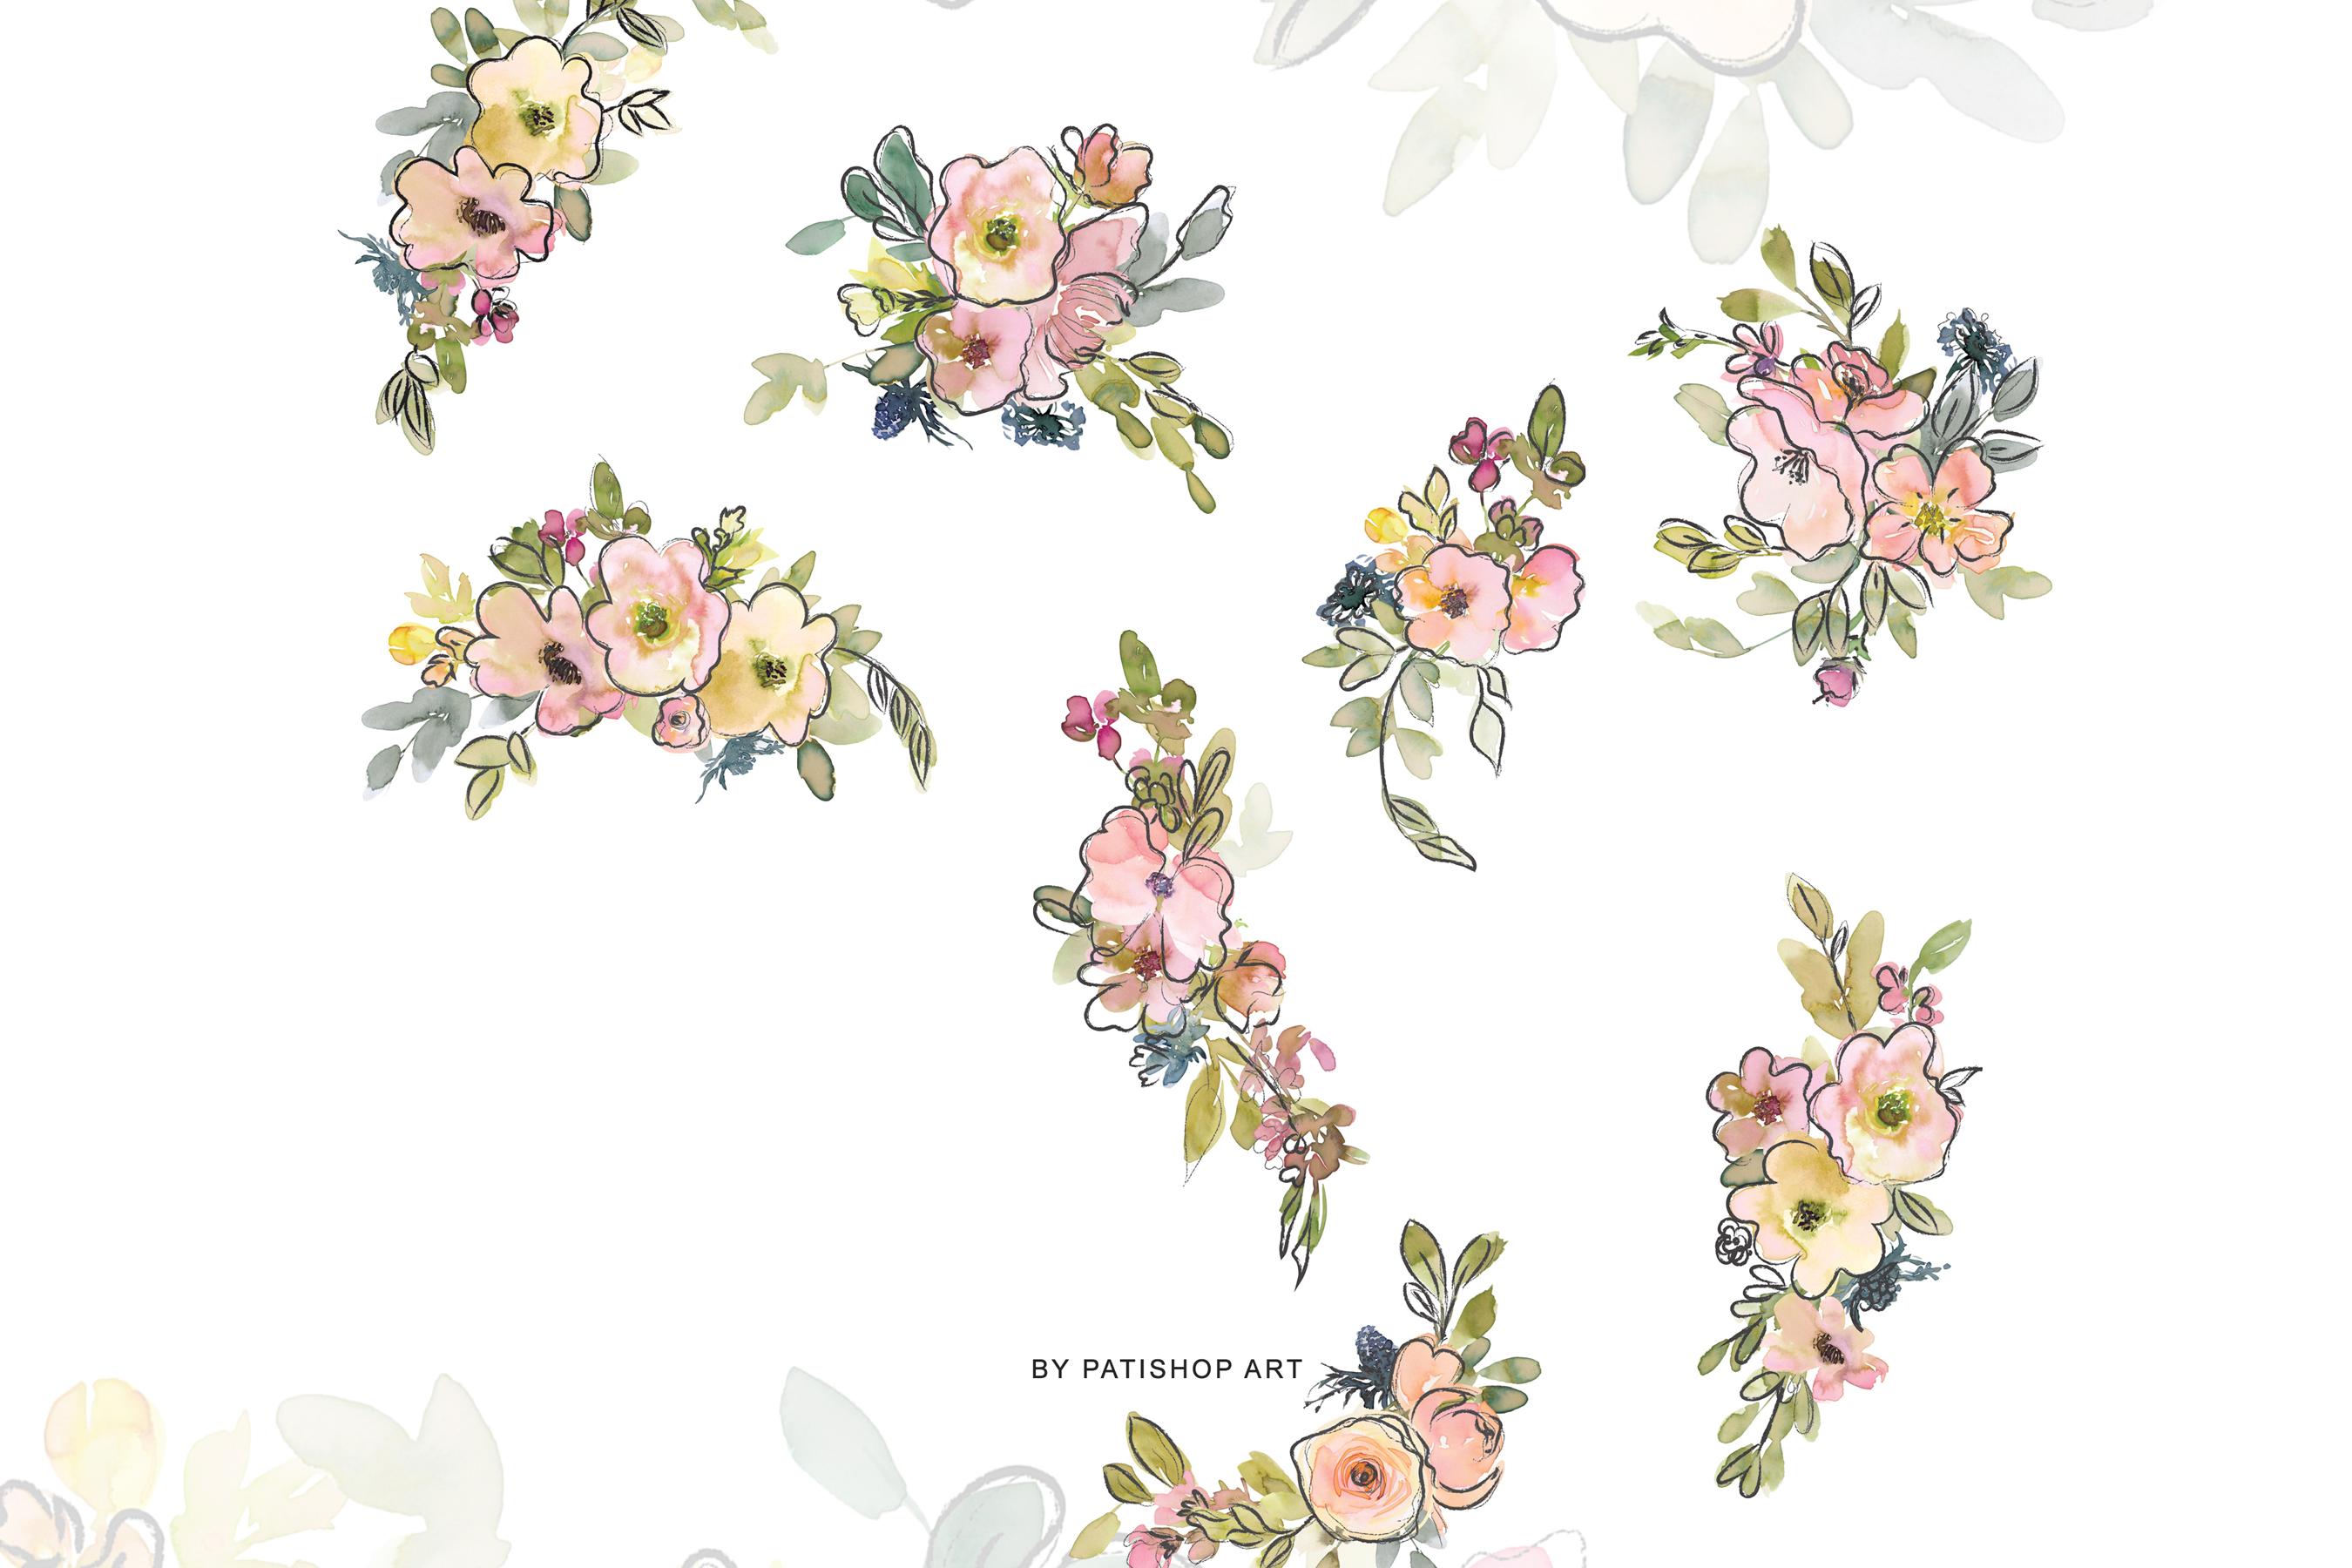 Watercolor Blush and Lemon Colors Floral Arrangements example image 10